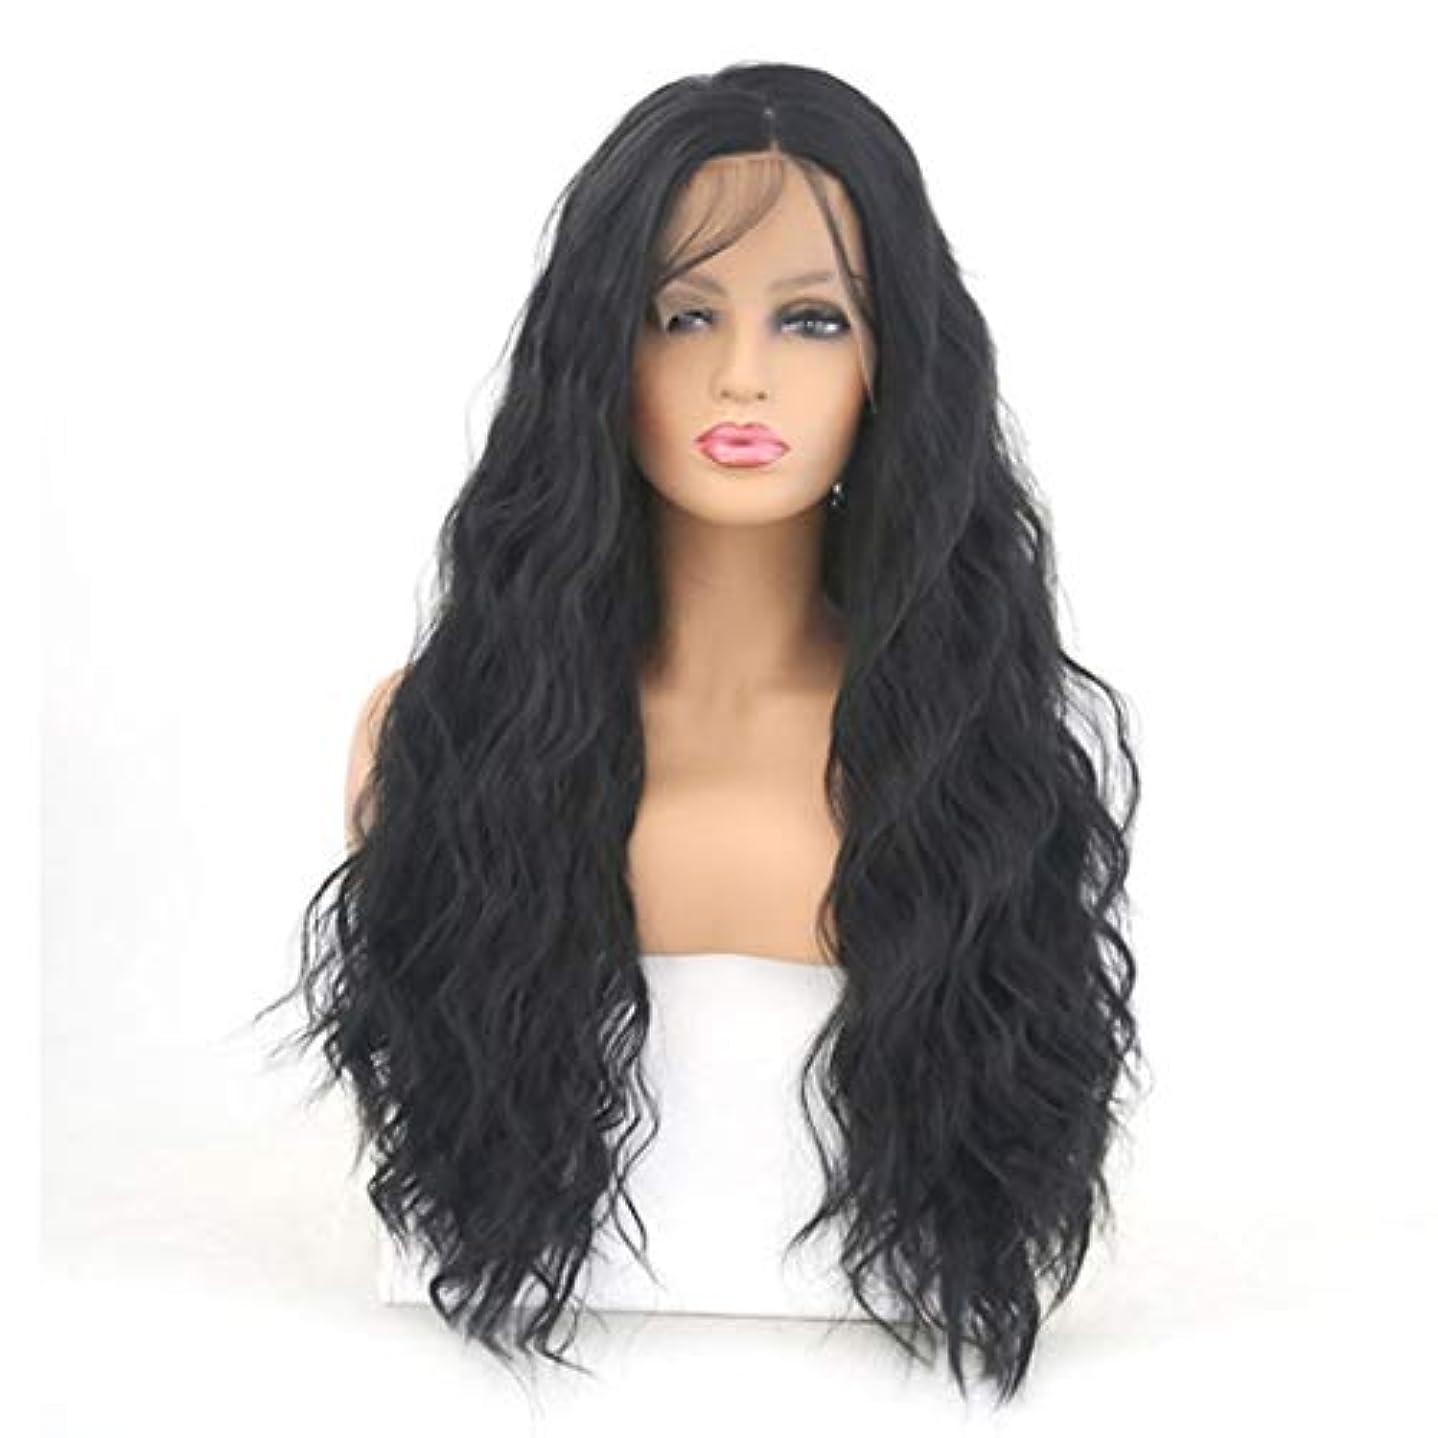 真面目なトチの実の木原子炉Kerwinner 女性のための黒く長い巻き毛の前部レースの大きい波の化学繊維の毛